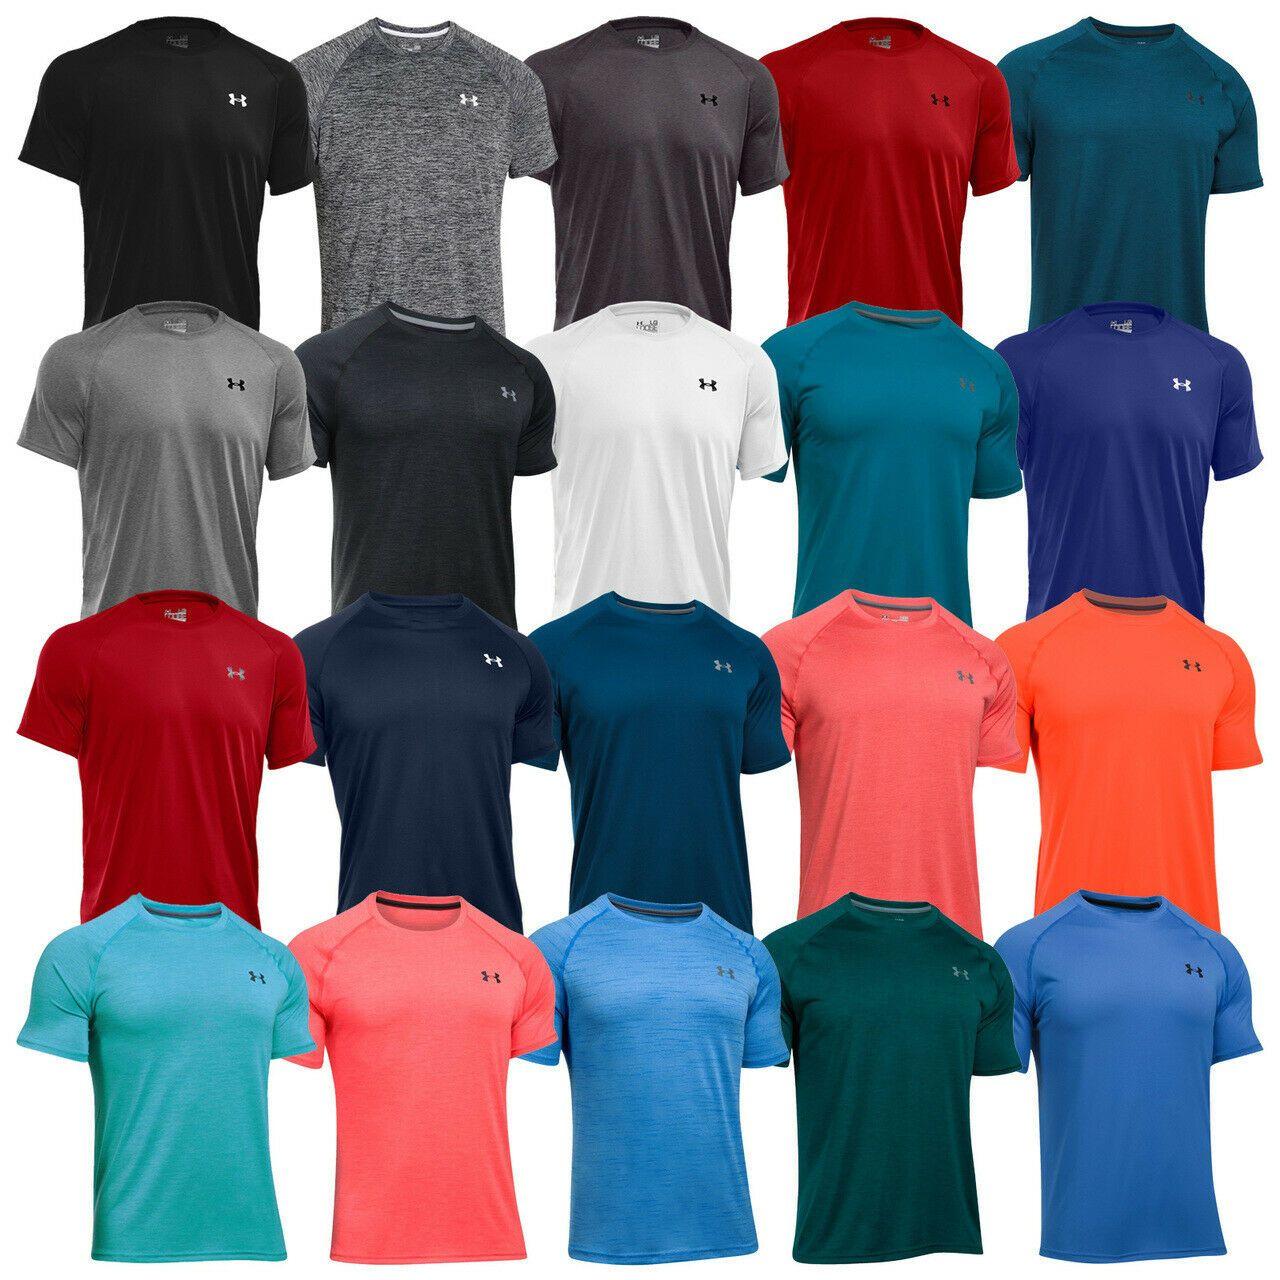 Under Armour Men/'s HeatGear Short Sleeve Loose Fit T-Shirt New